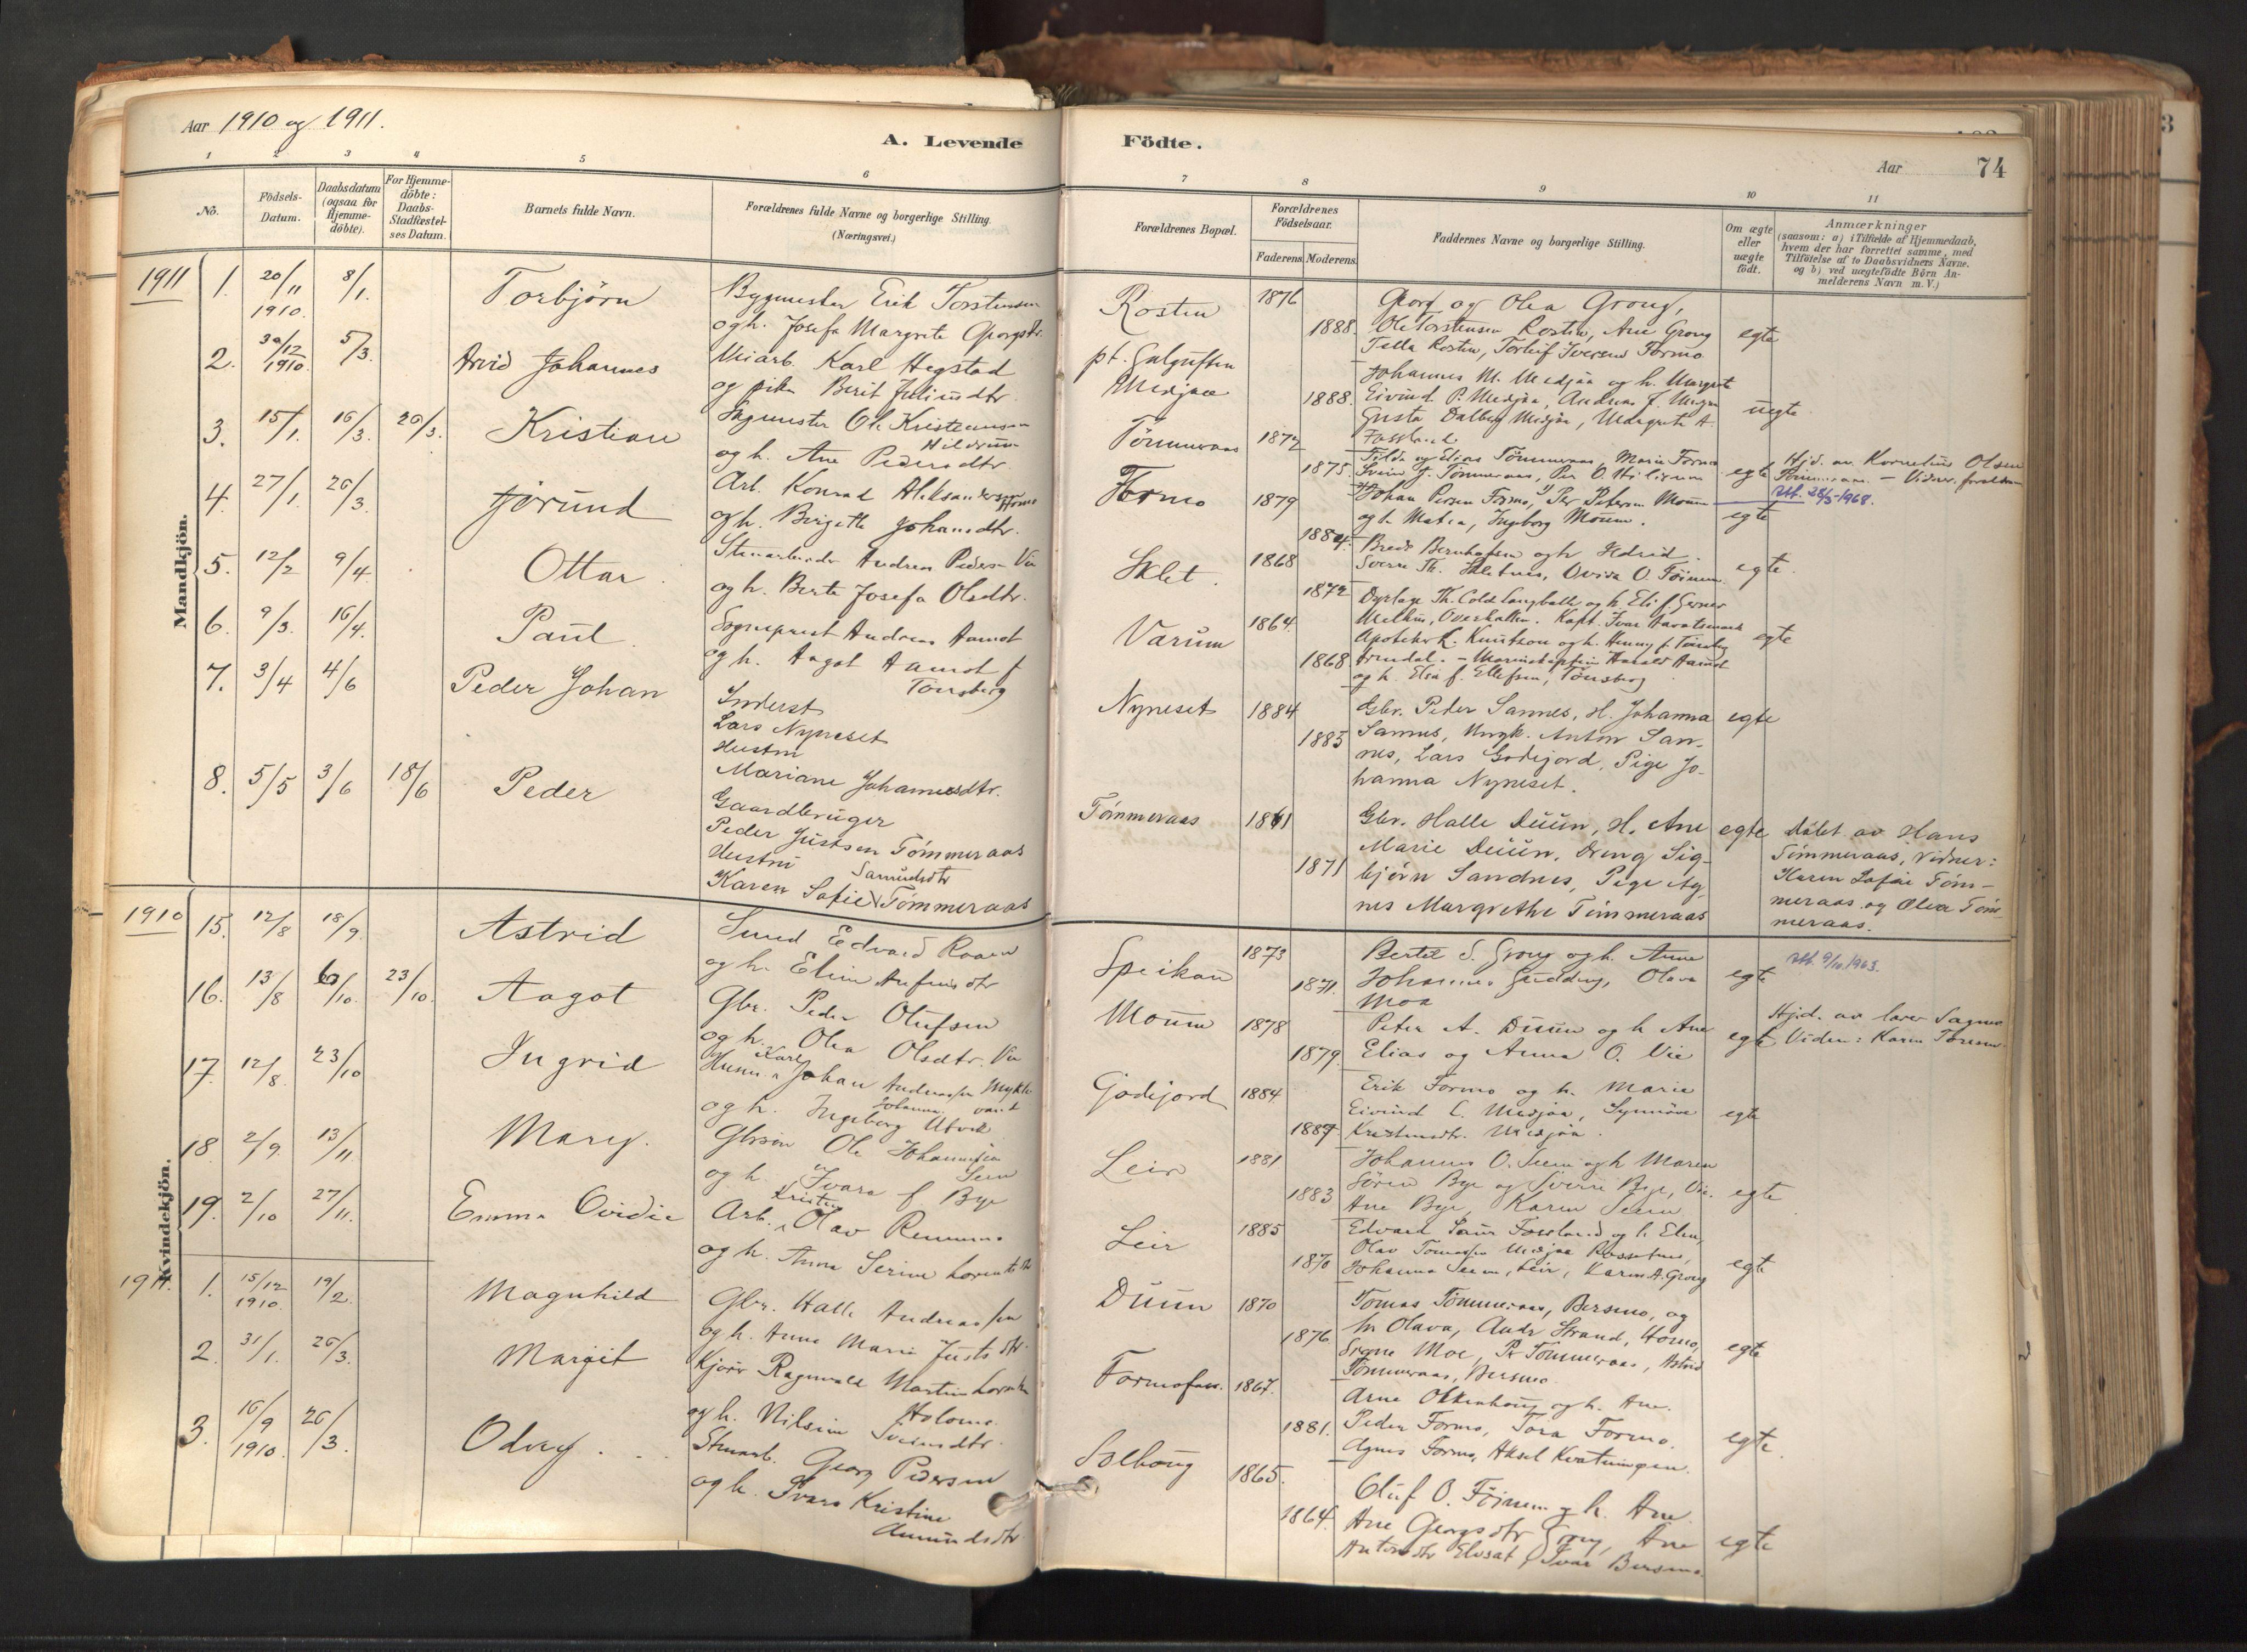 SAT, Ministerialprotokoller, klokkerbøker og fødselsregistre - Nord-Trøndelag, 758/L0519: Ministerialbok nr. 758A04, 1880-1926, s. 74